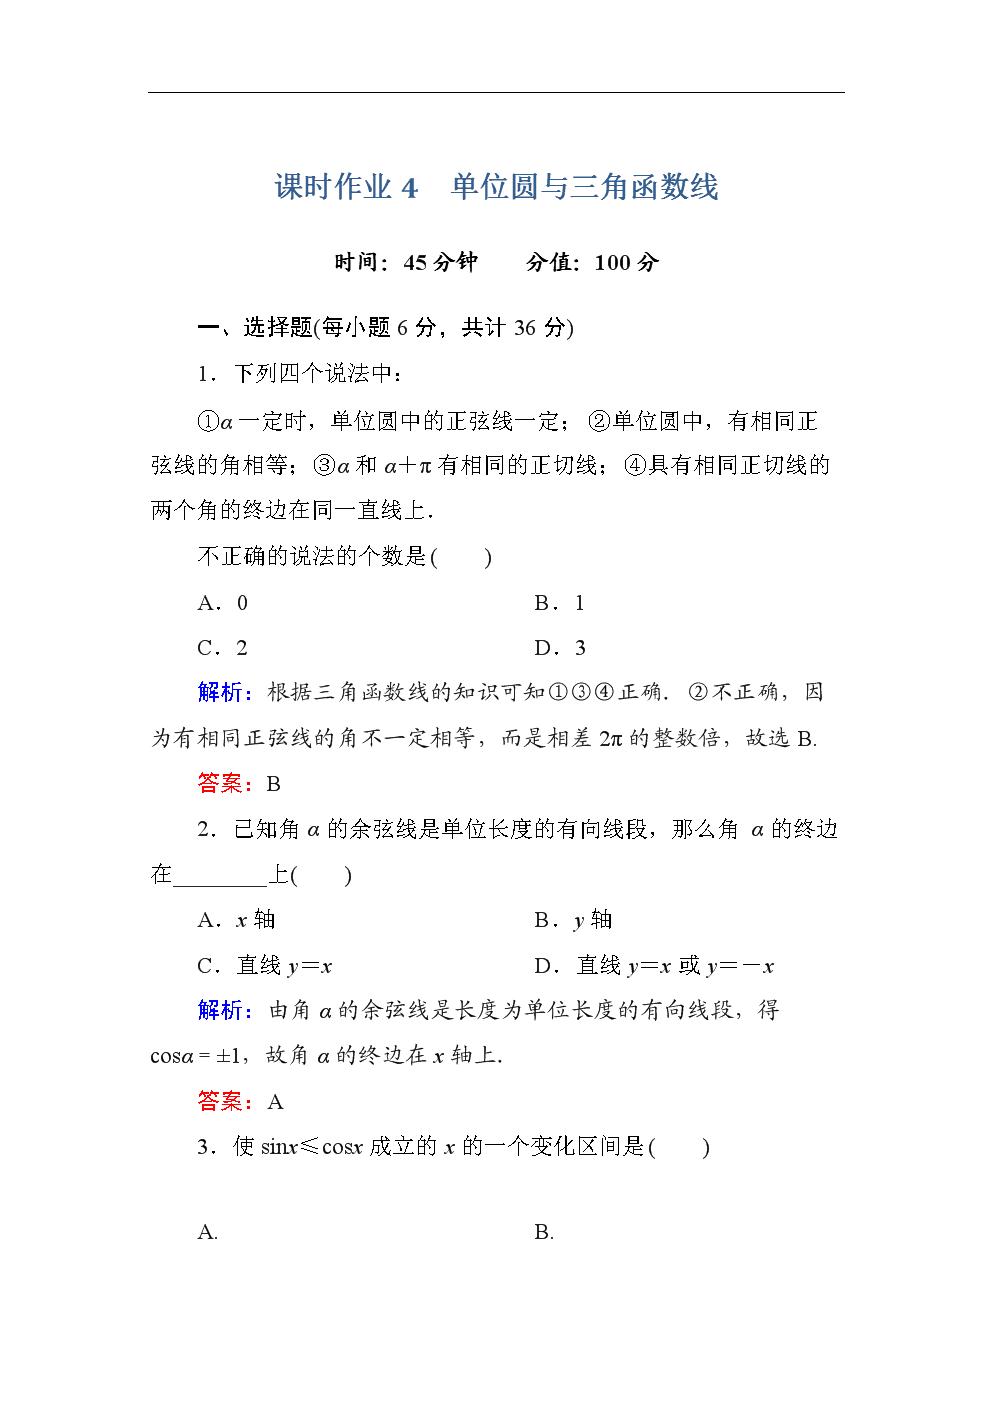 人教A版高中数学必修4课时作业4单位圆与三角函数线(附答案).doc